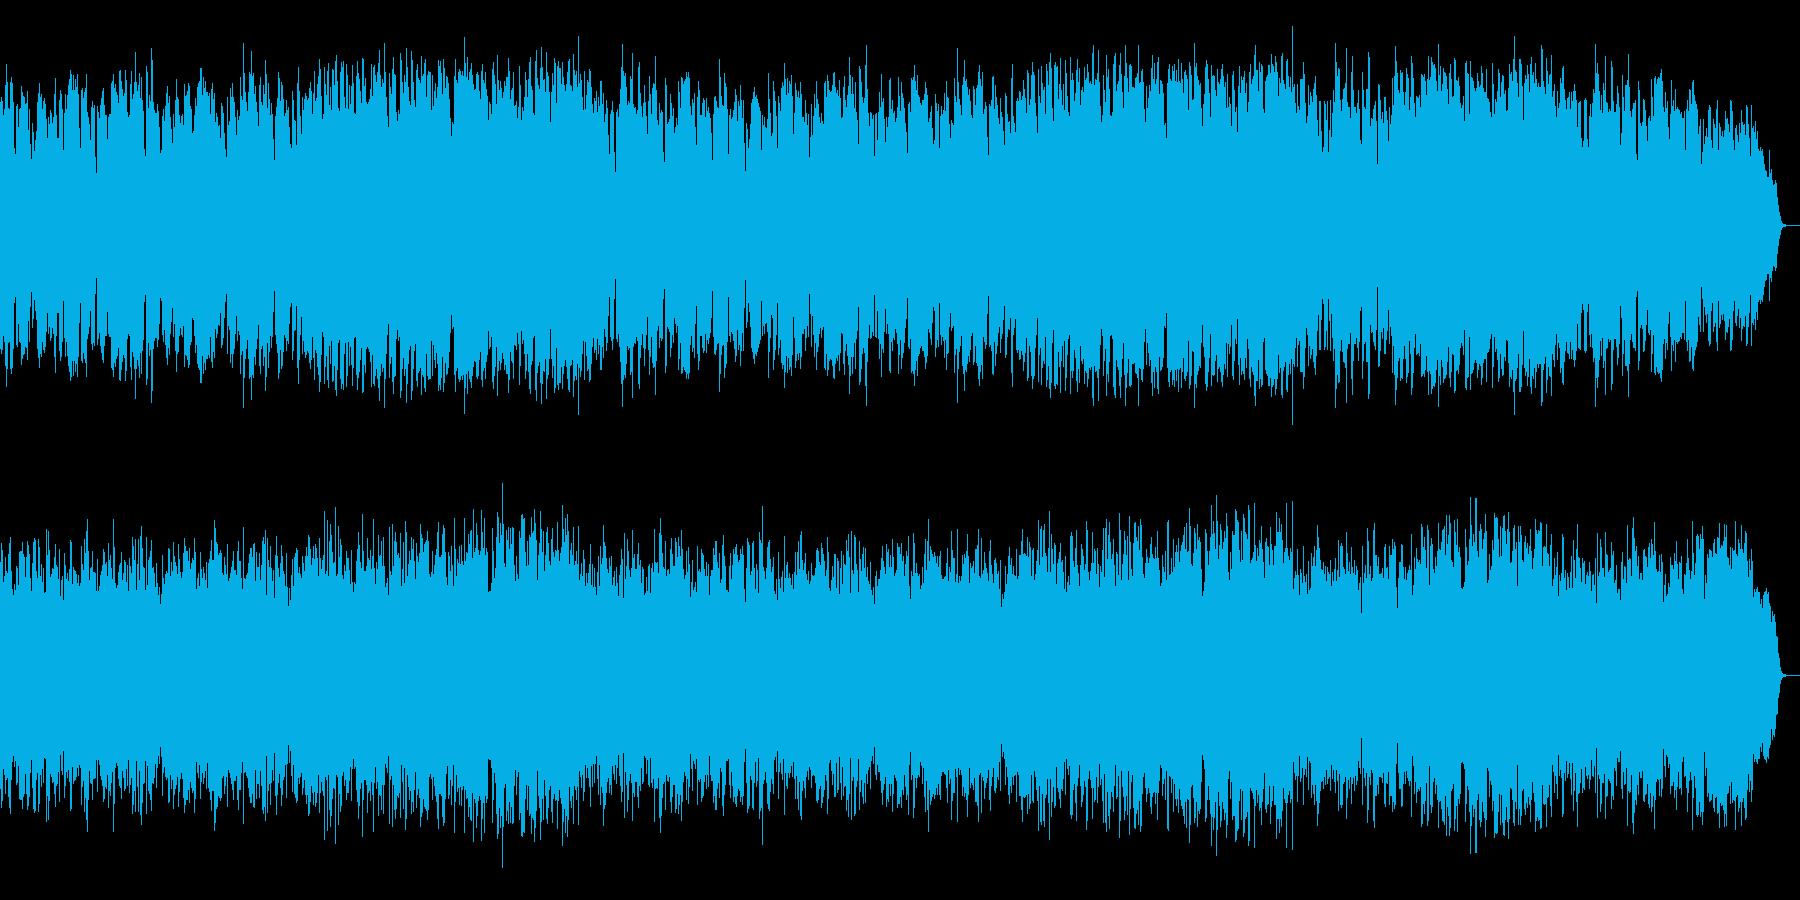 ワルツのリズムに切なくメロディックな旋律の再生済みの波形